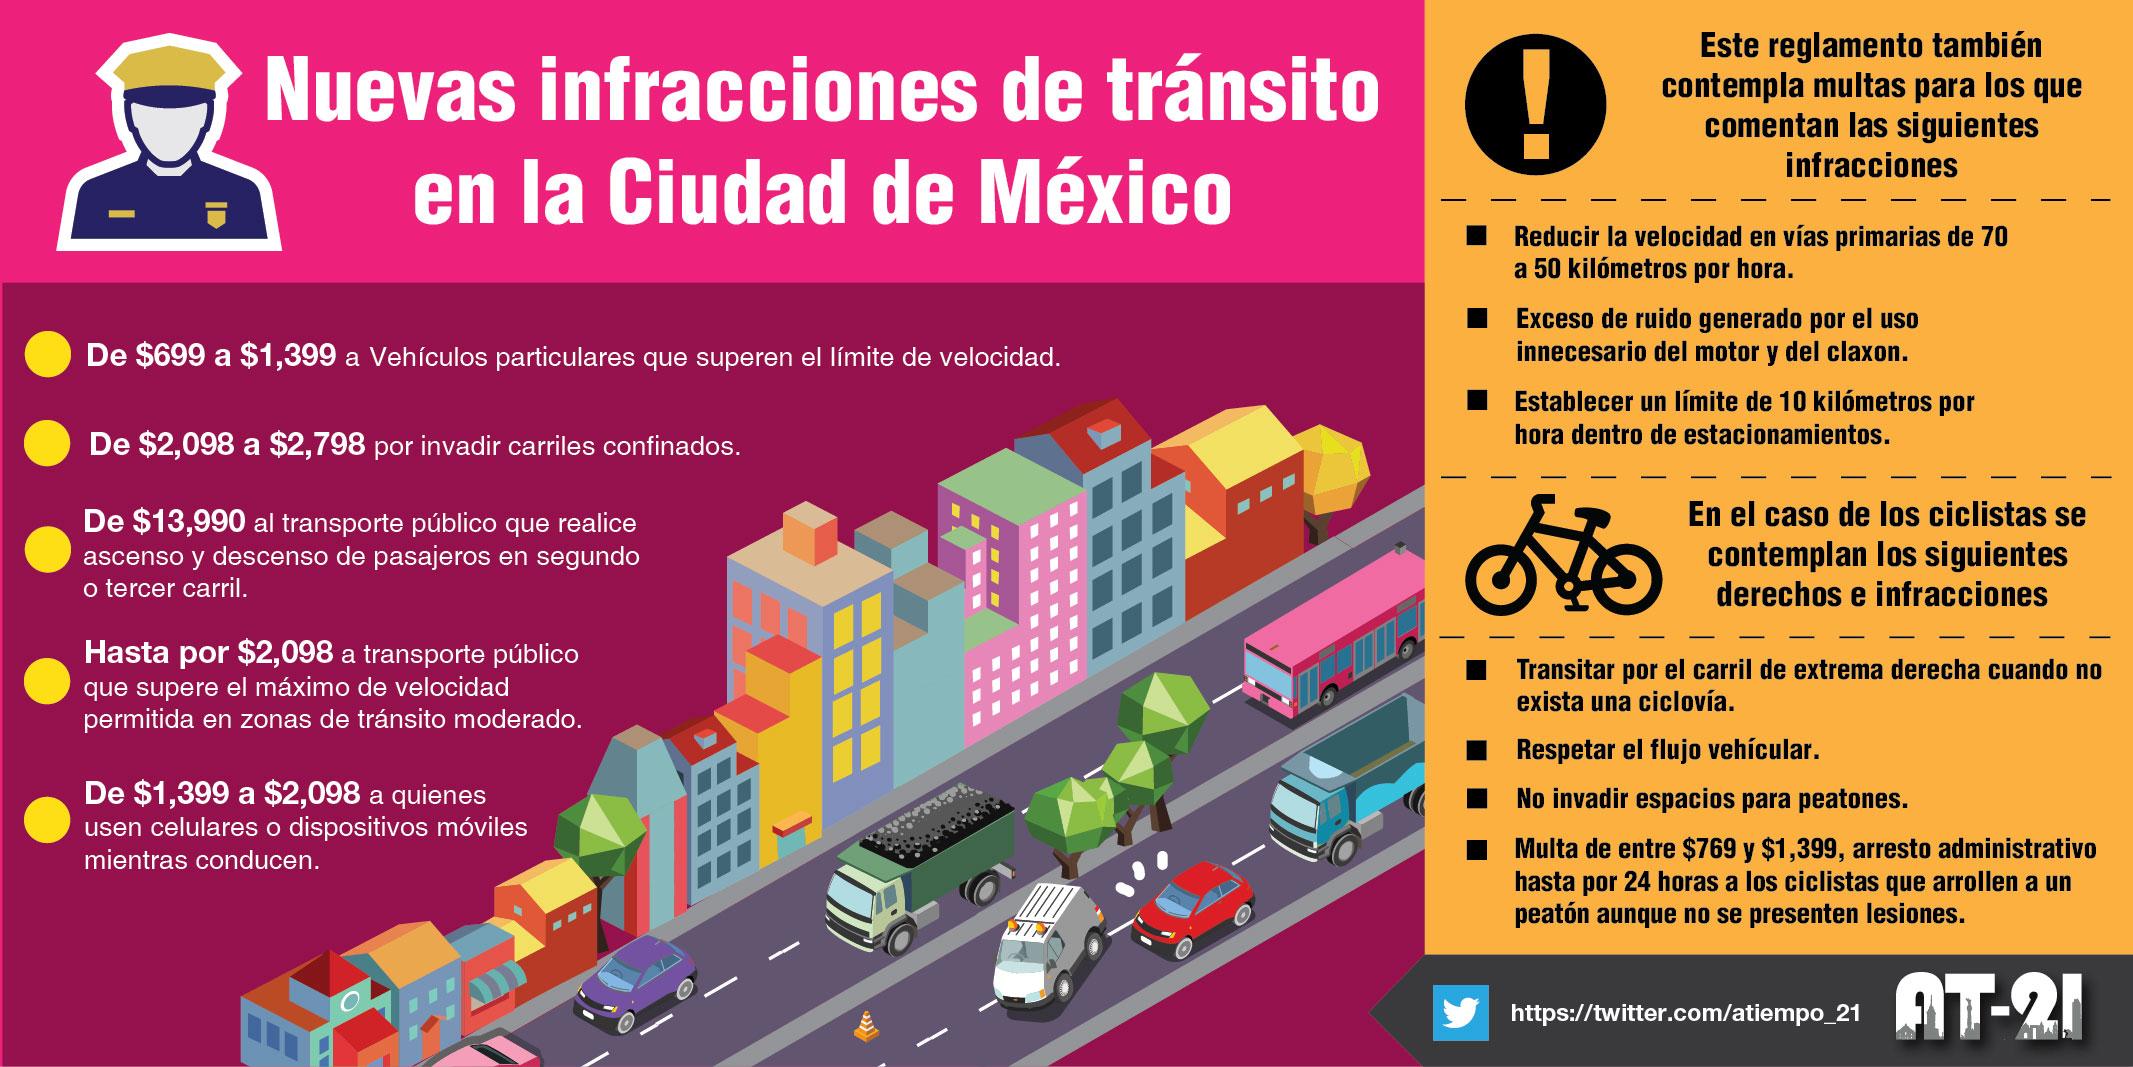 10 Aspectos Importantes del Nuevo Reglamento de Tránsito de la Ciudad de México